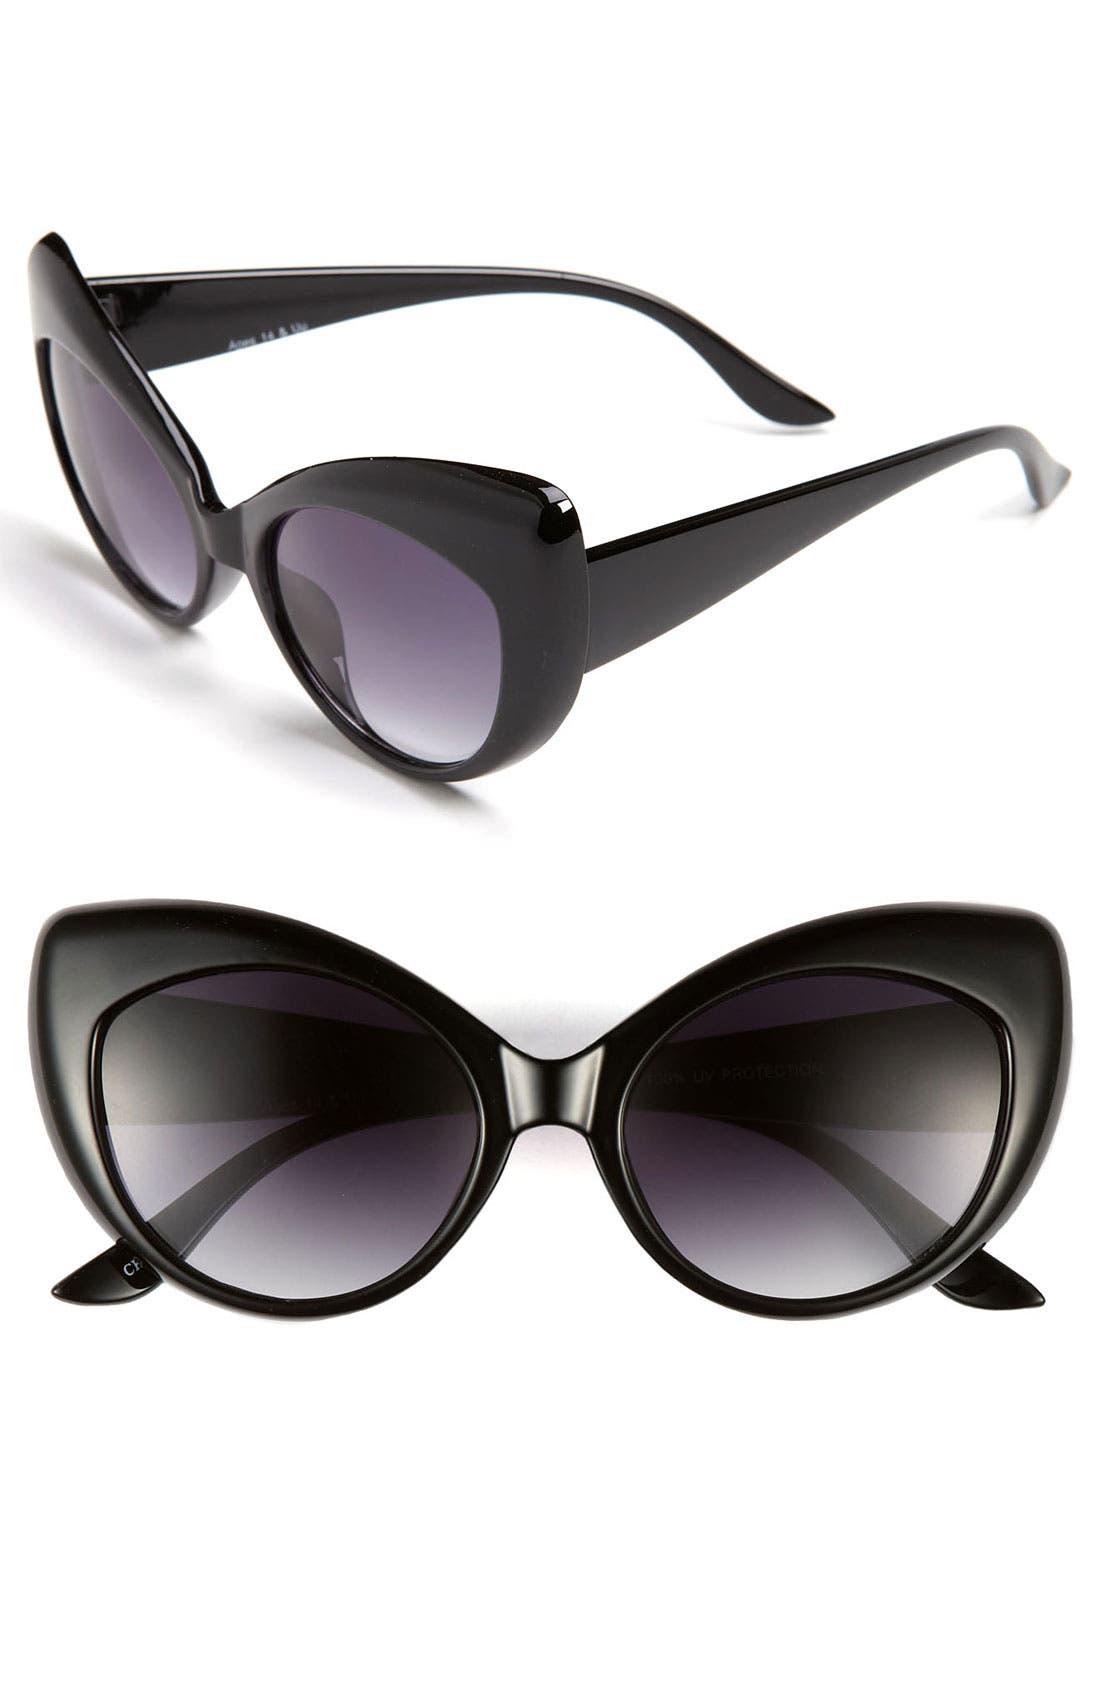 Main Image - FE NY 'Lindy Hop' Cat's Eye Sunglasses